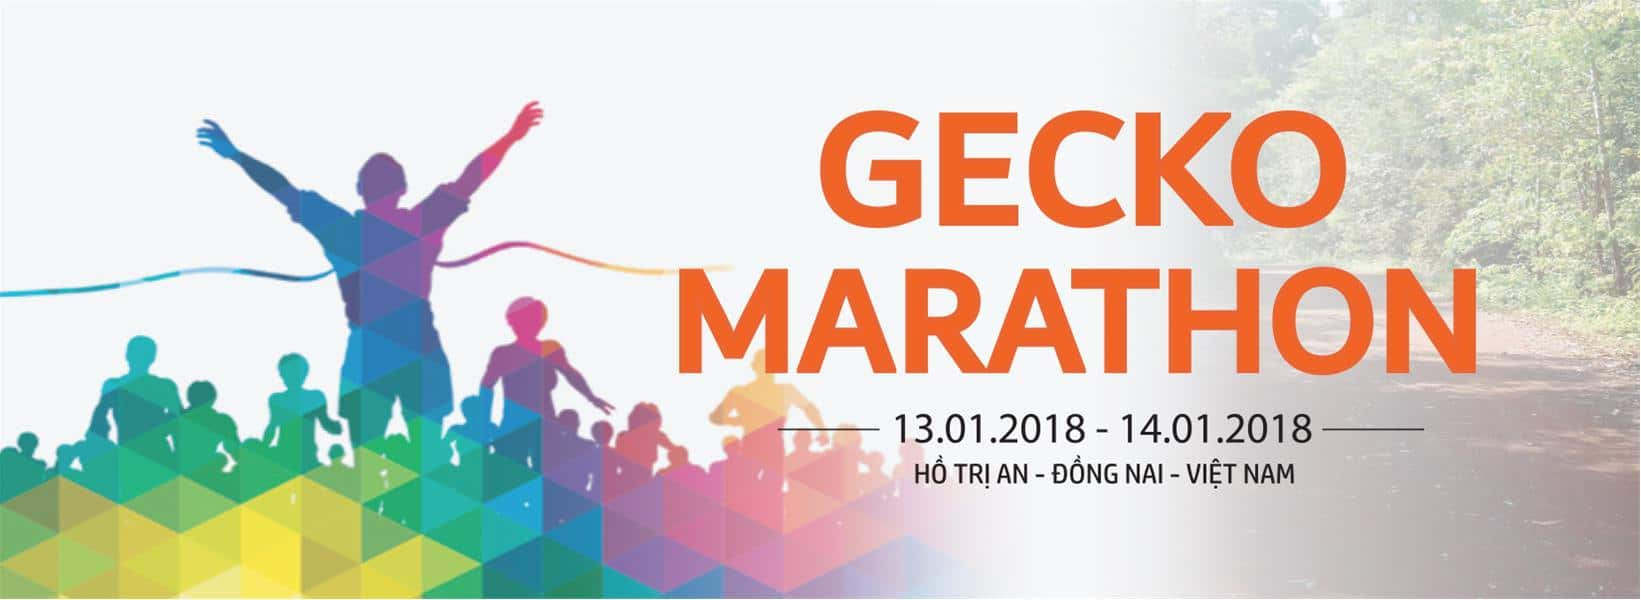 Gecko Mountain Marathon 2018